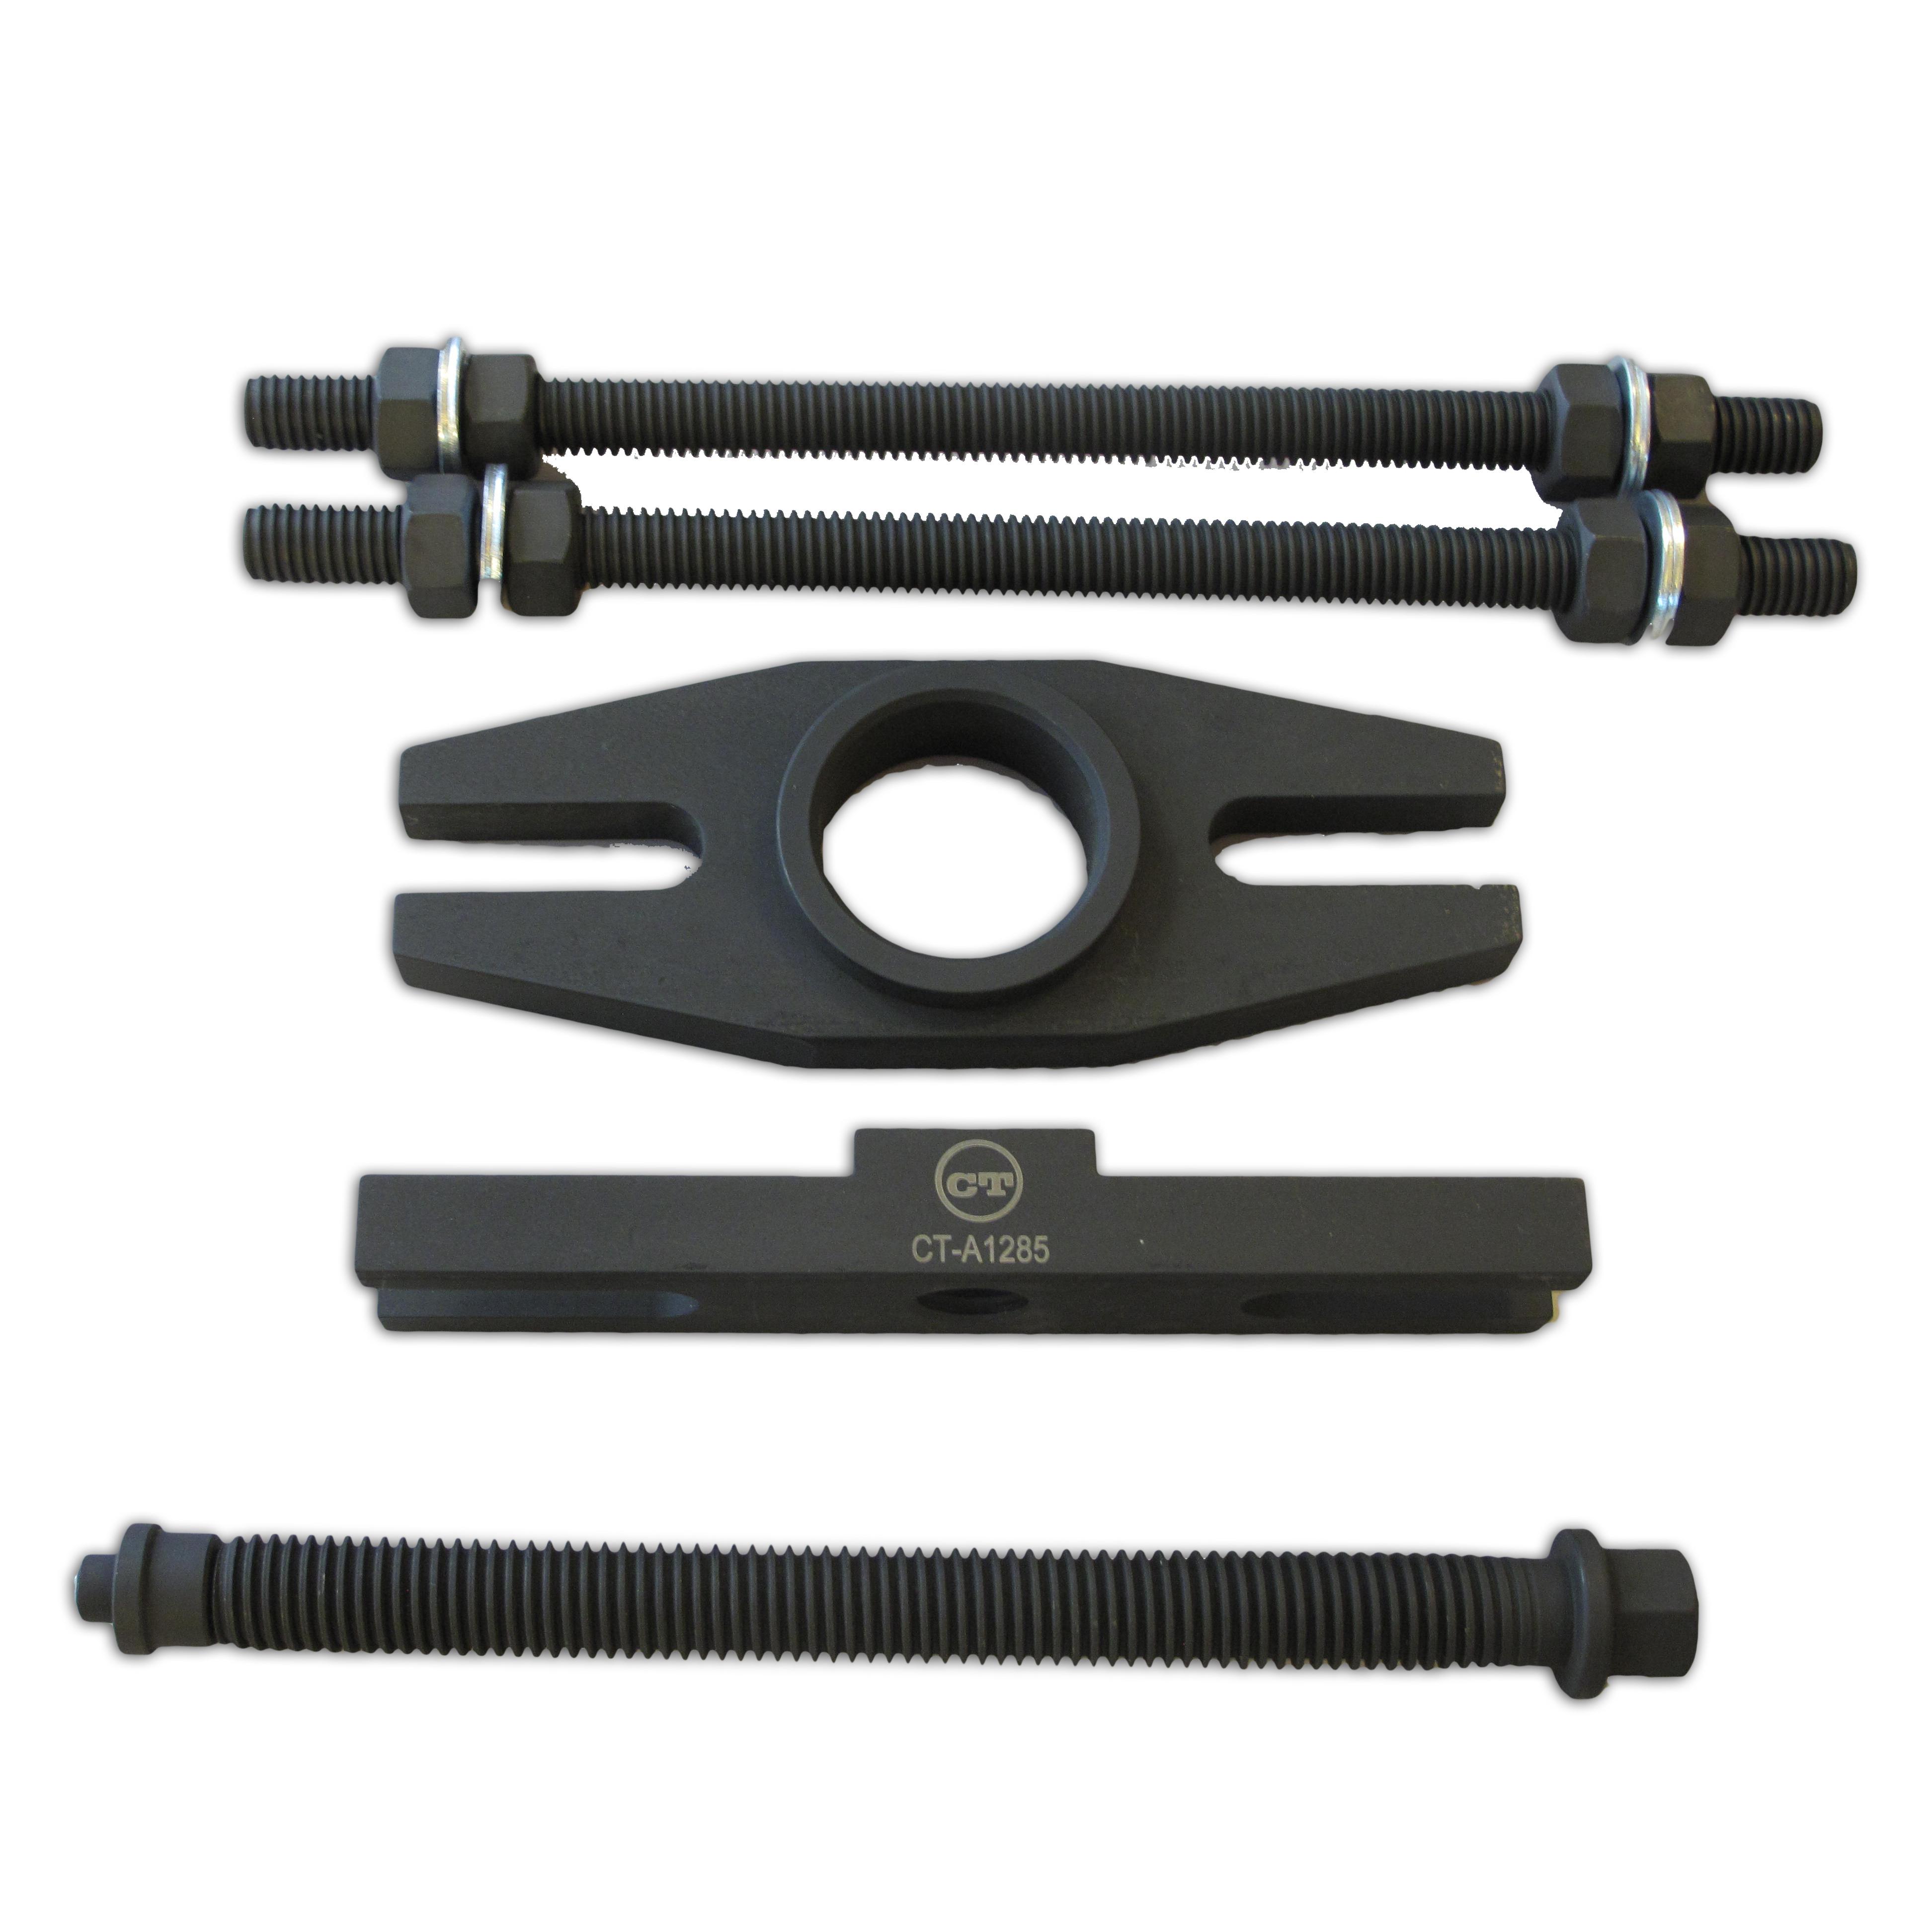 Приспособление для замены сайлентблоков Subaru Car-Tool CT-A1285